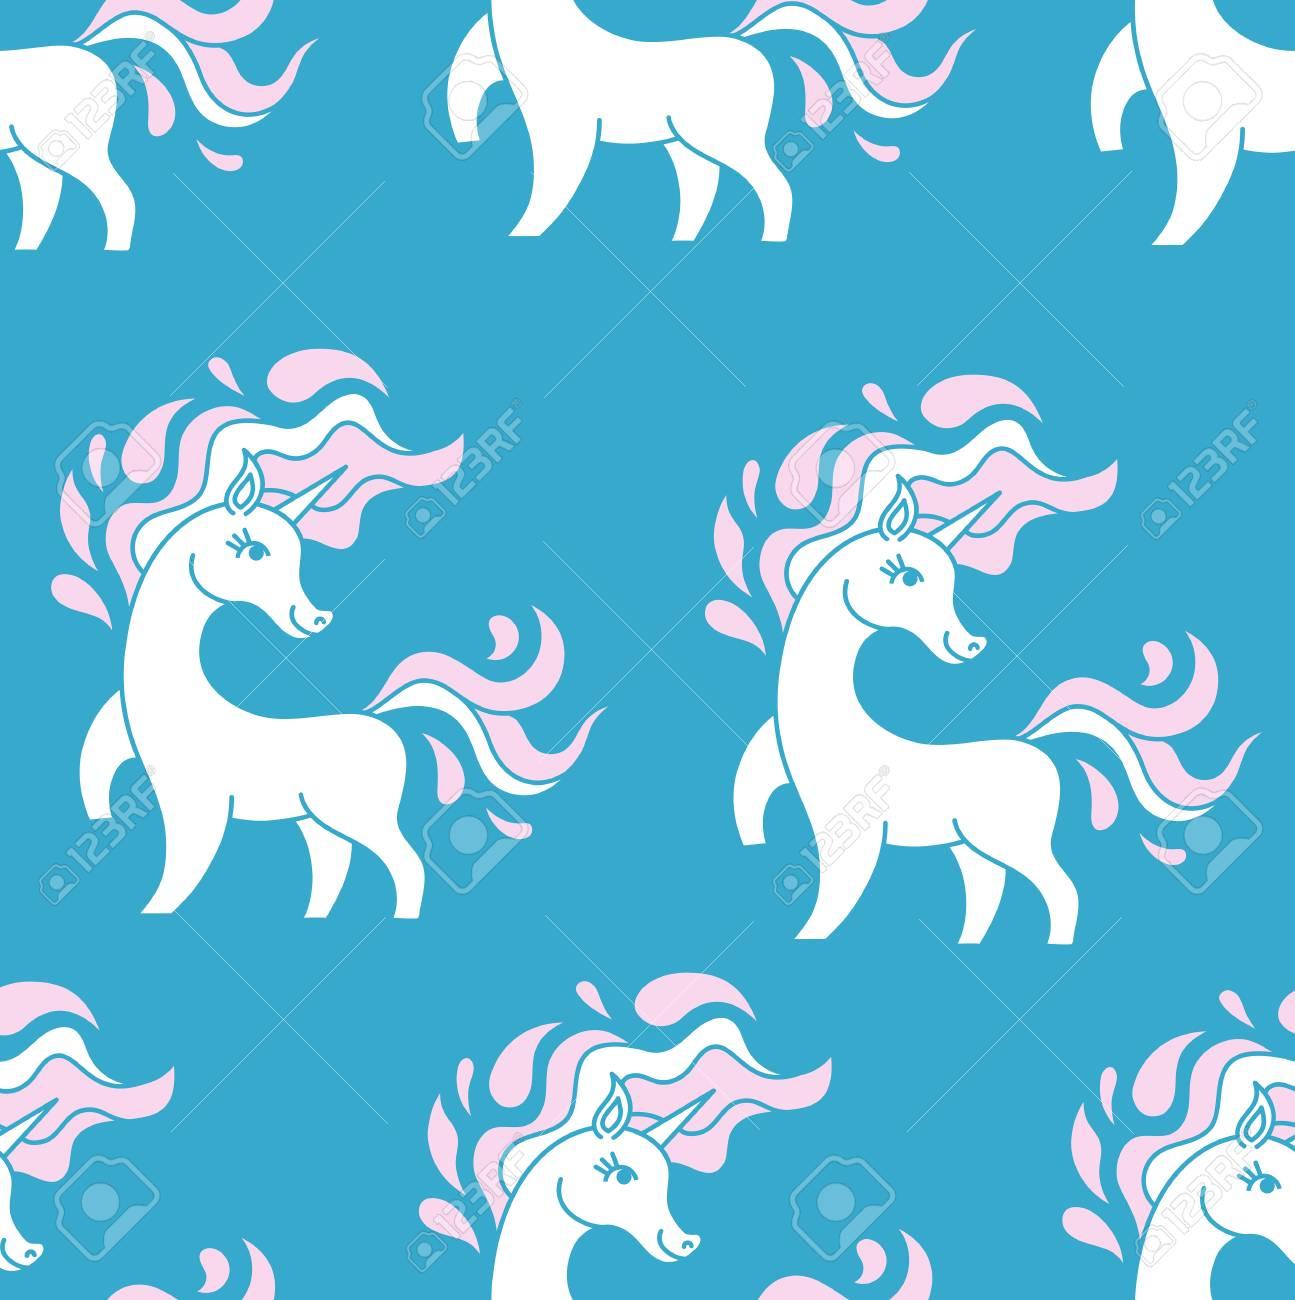 ユニコーンは青の背景にシームレス パターン。かわいいユニコーンでベクトル パターン。少し